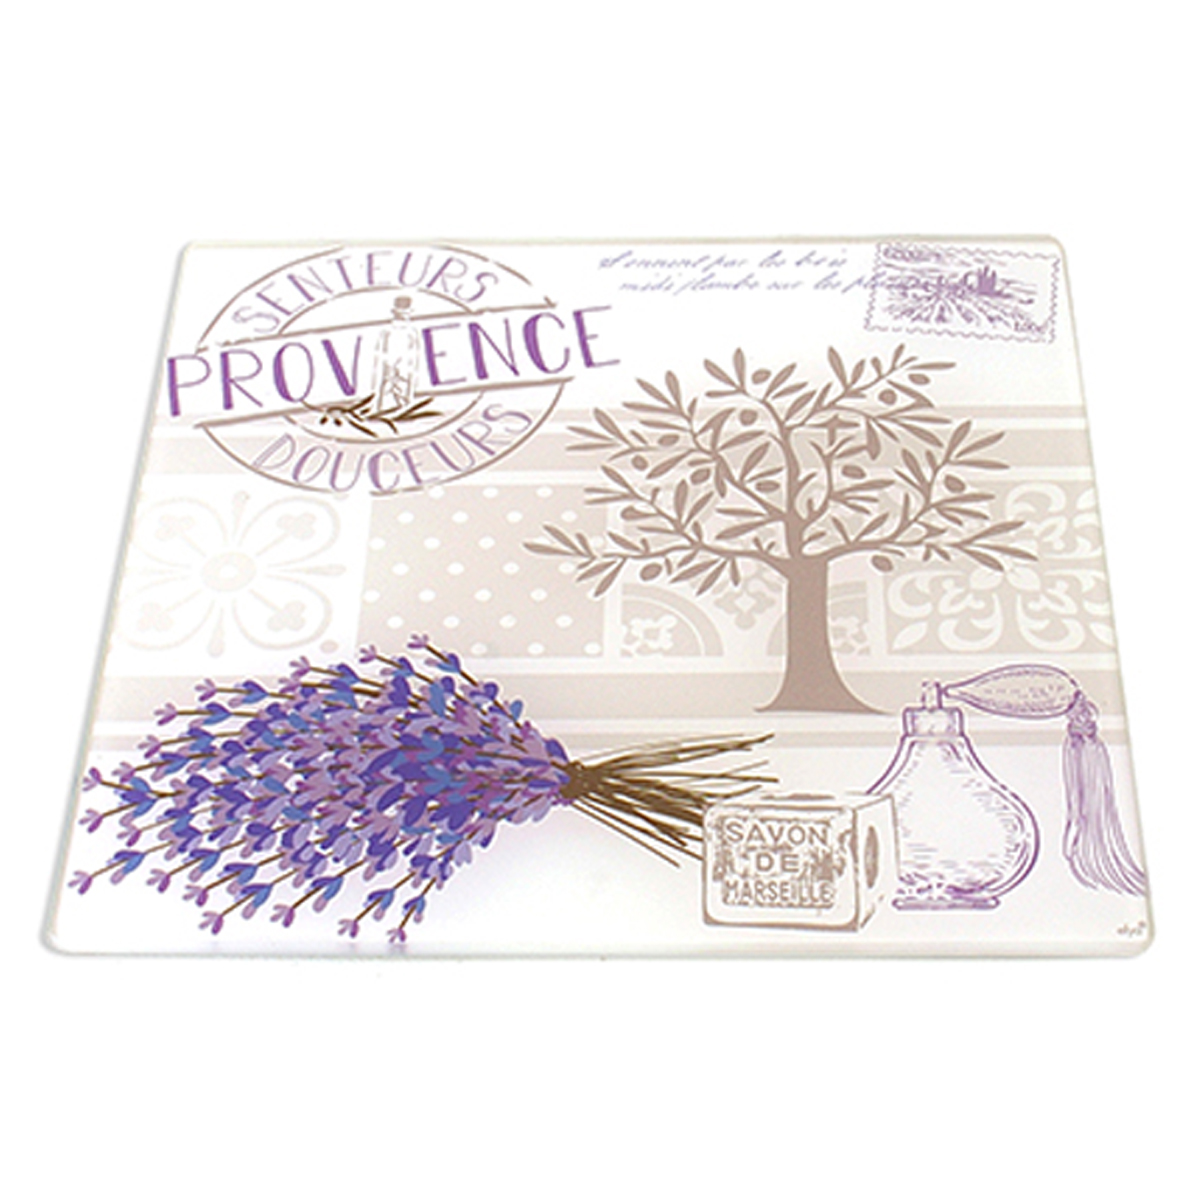 Dessous de plat verre \'Provence\' lavande - 20x20 cm - [A2456]